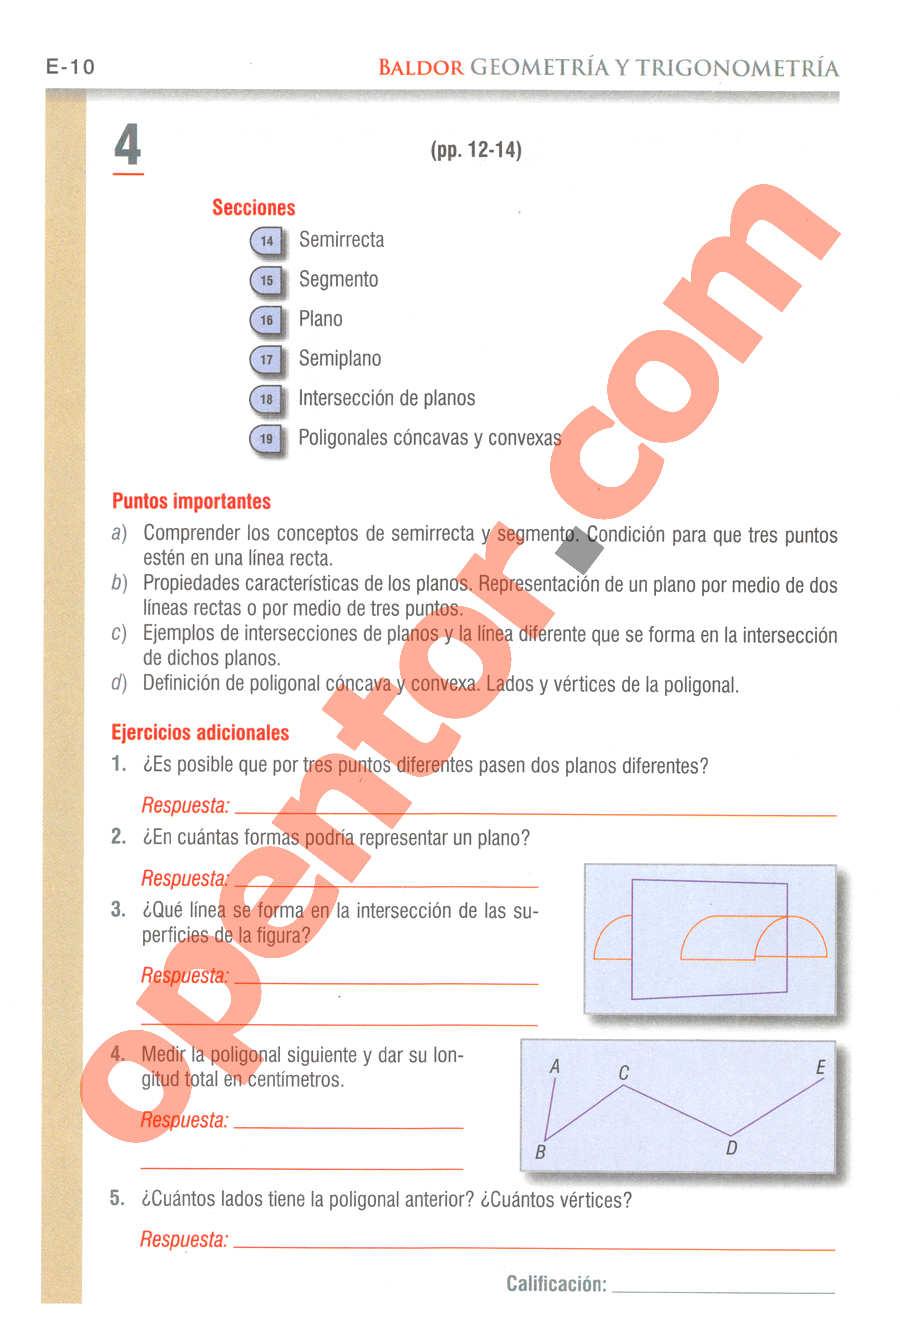 Geometría y Trigonometría de Baldor - Página E10